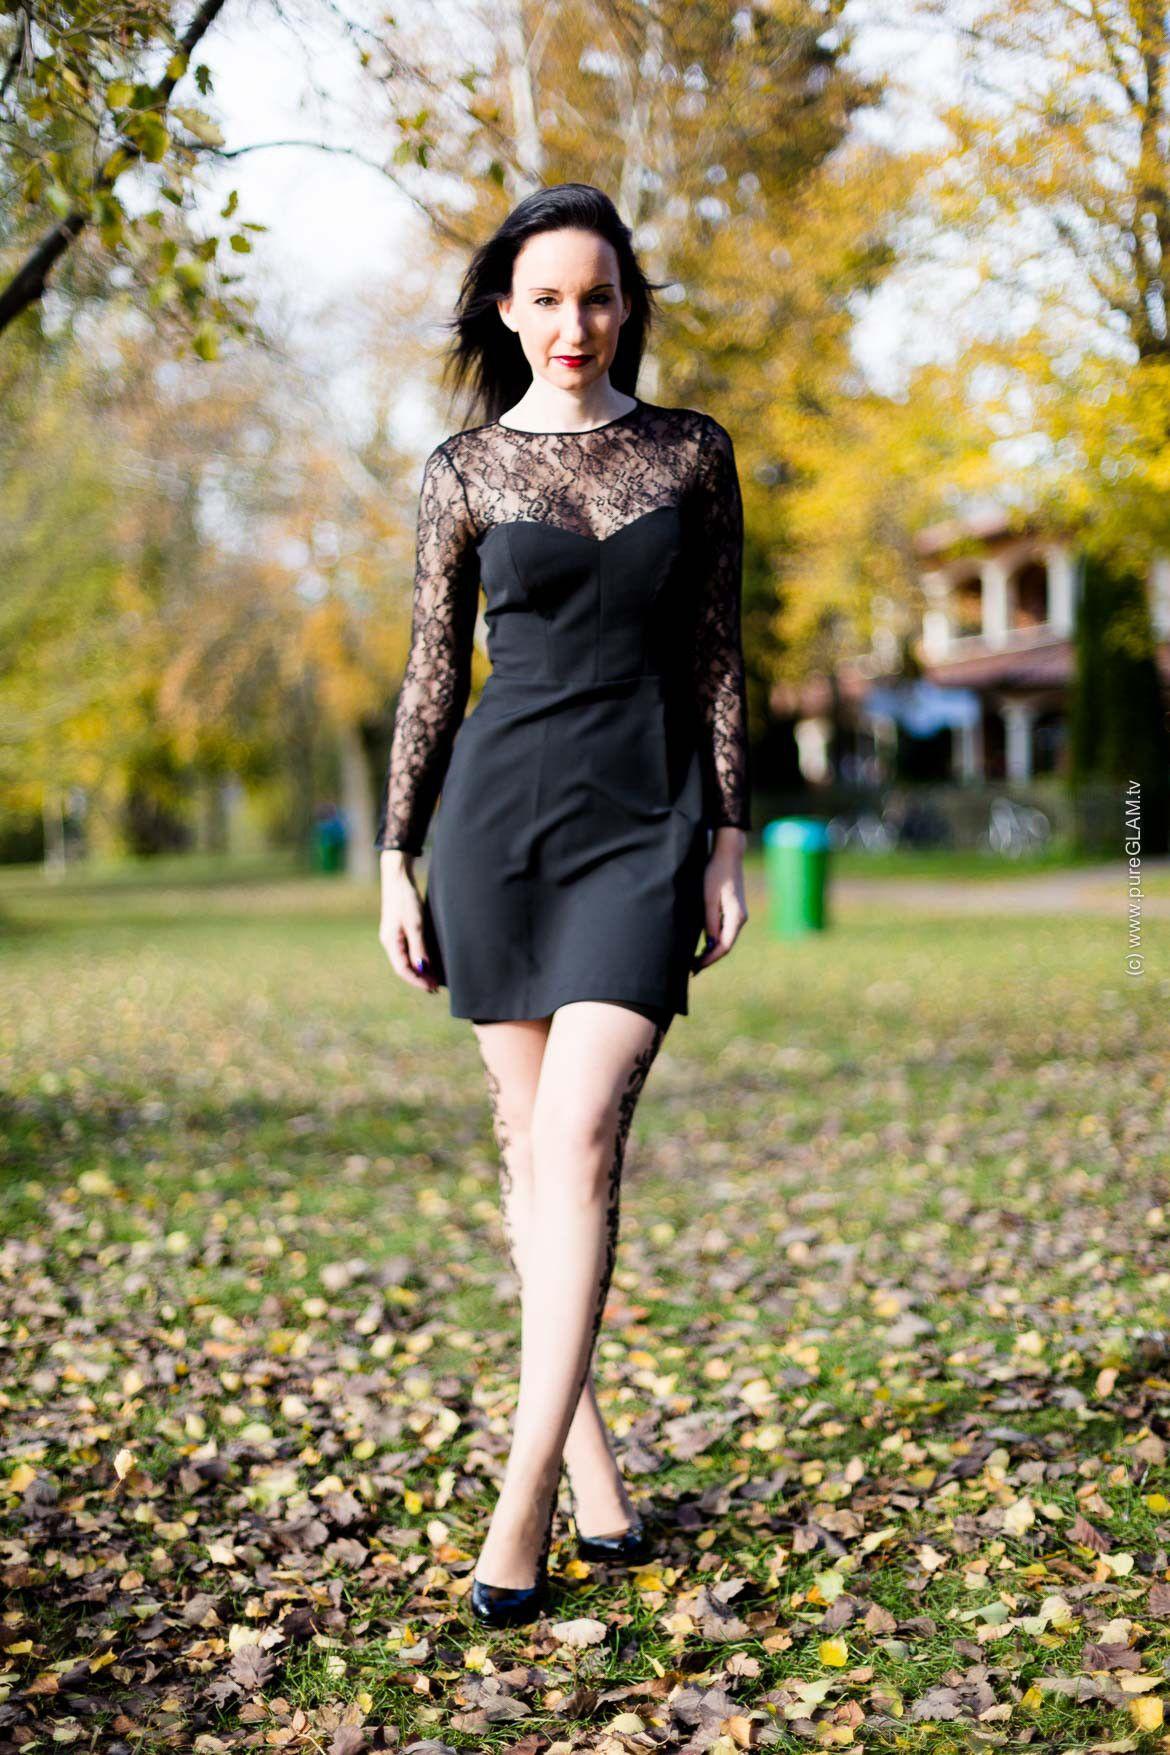 Strumpfhosen Glamour Bilder